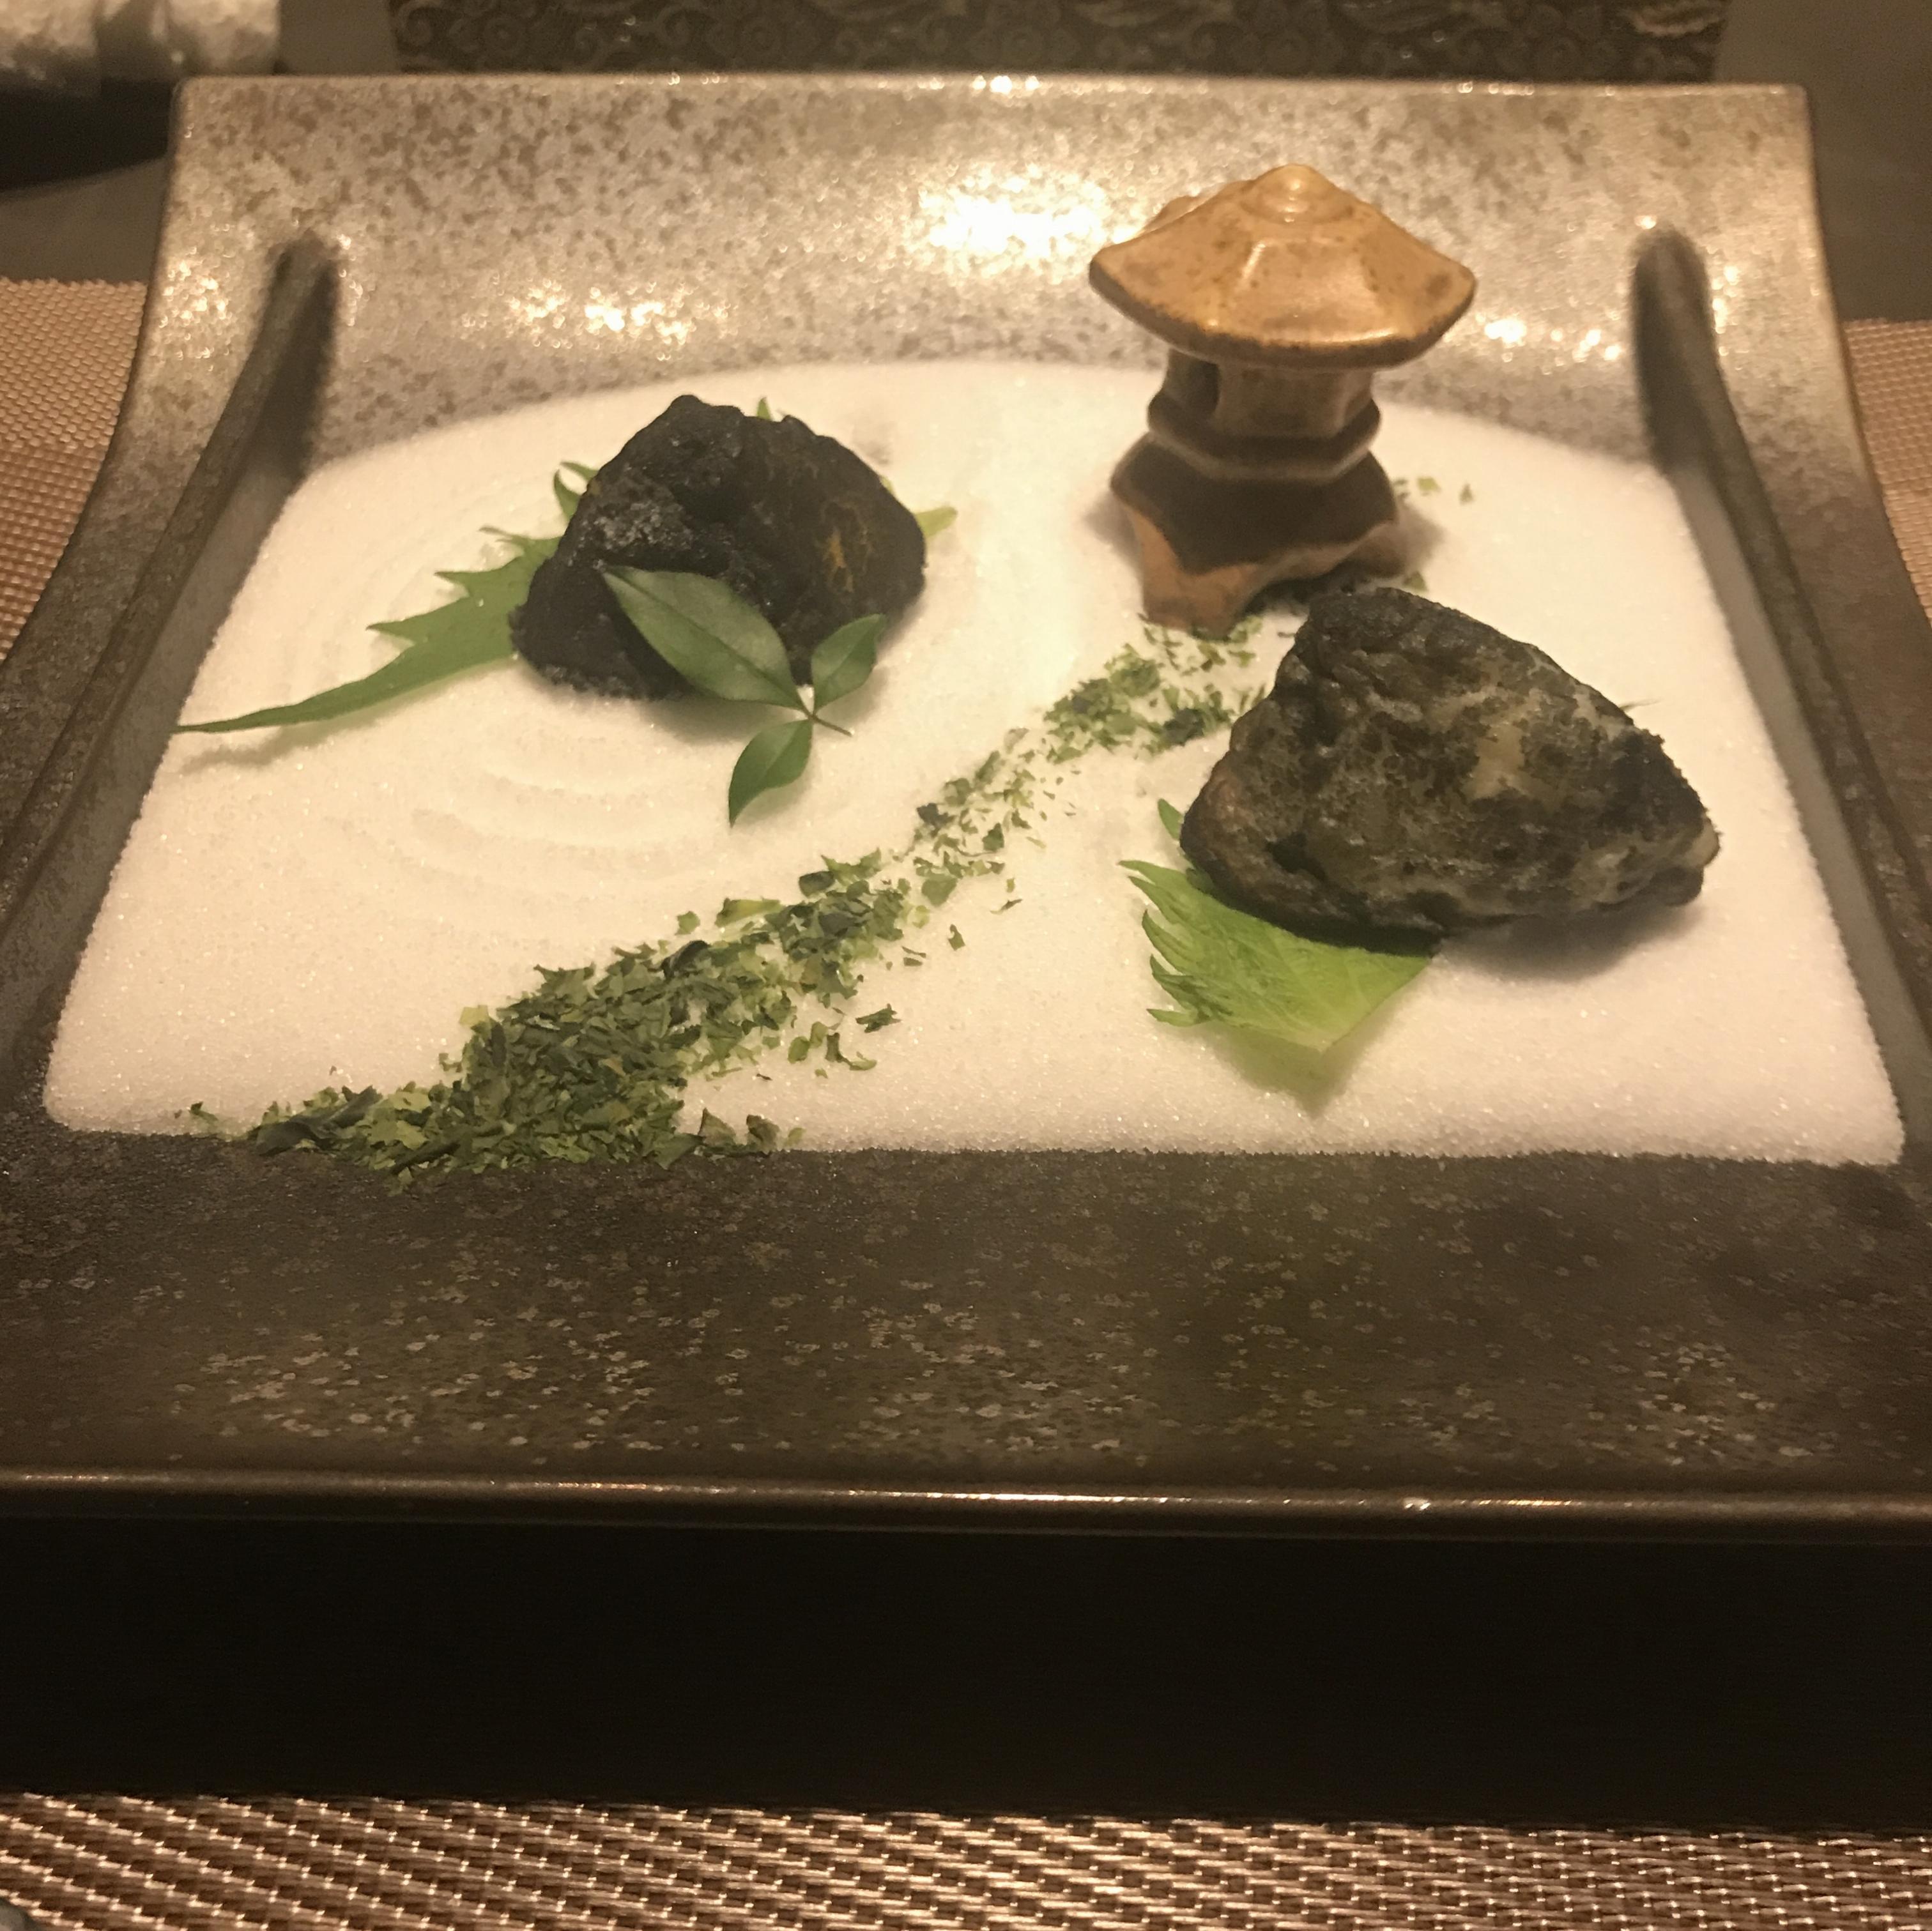 【Moluce-L】創作和食とエンターテイメントの融合〜コスパ◎なクリスマスディナー〜_2